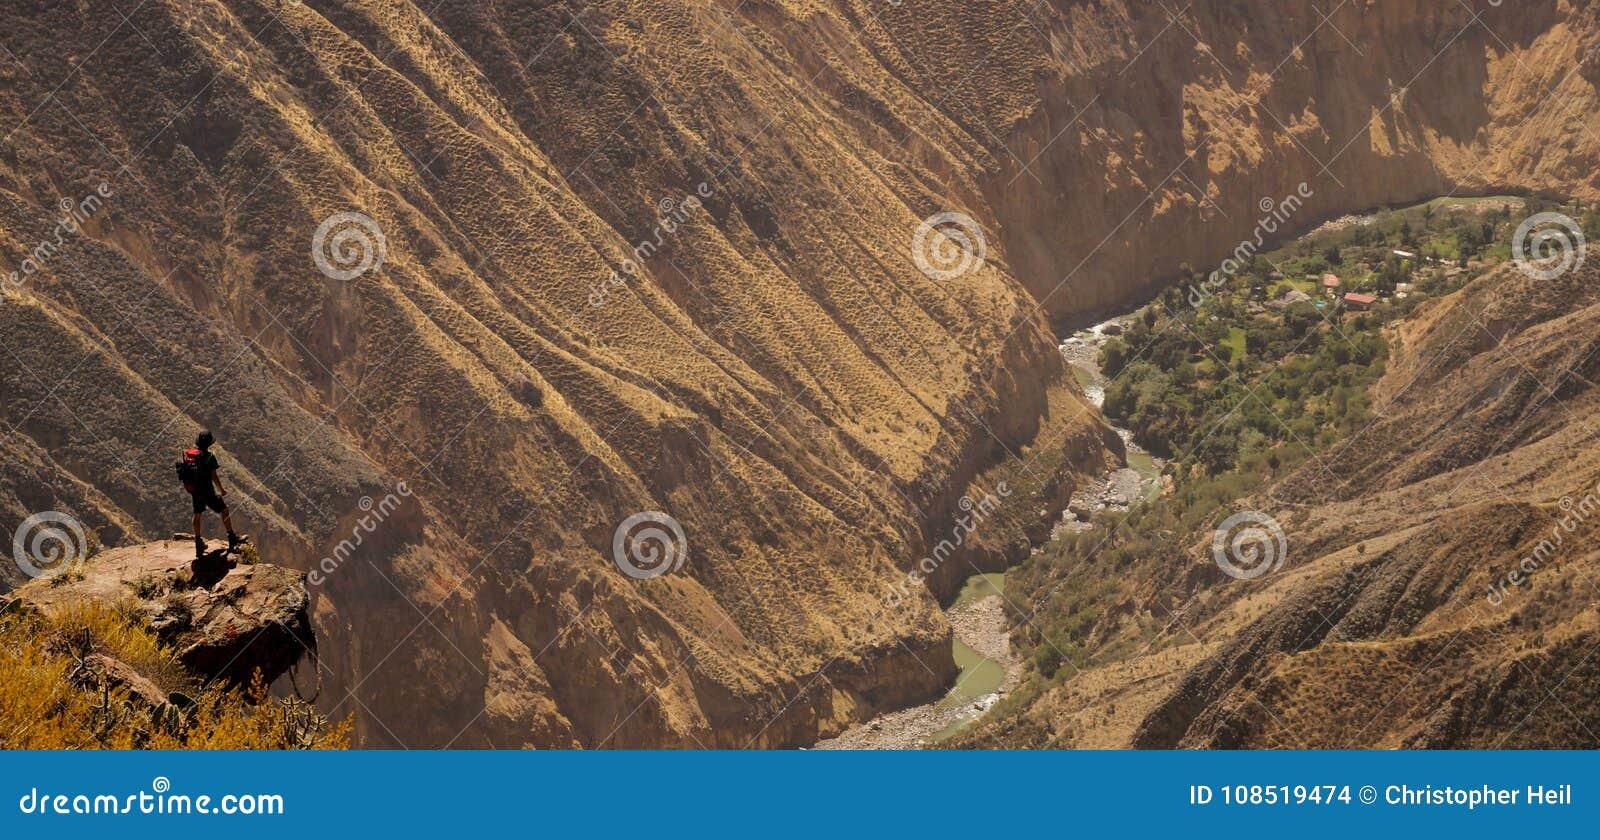 Visión escénica sobre el barranco de Colca, Perú